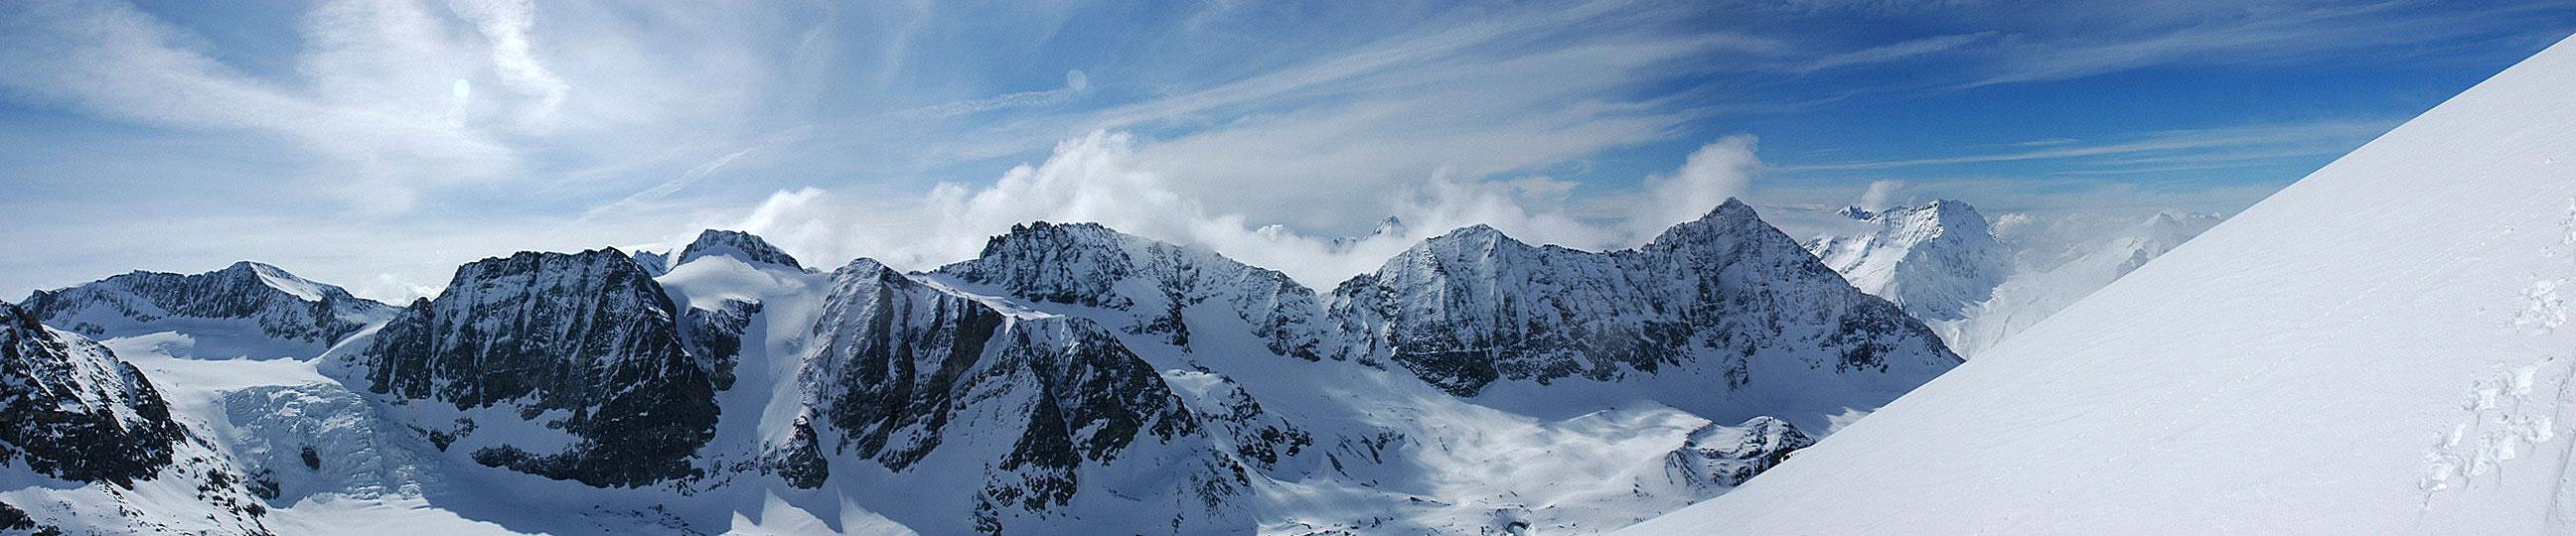 La Ruinette Walliser Alpen / Alpes valaisannes Switzerland panorama 34